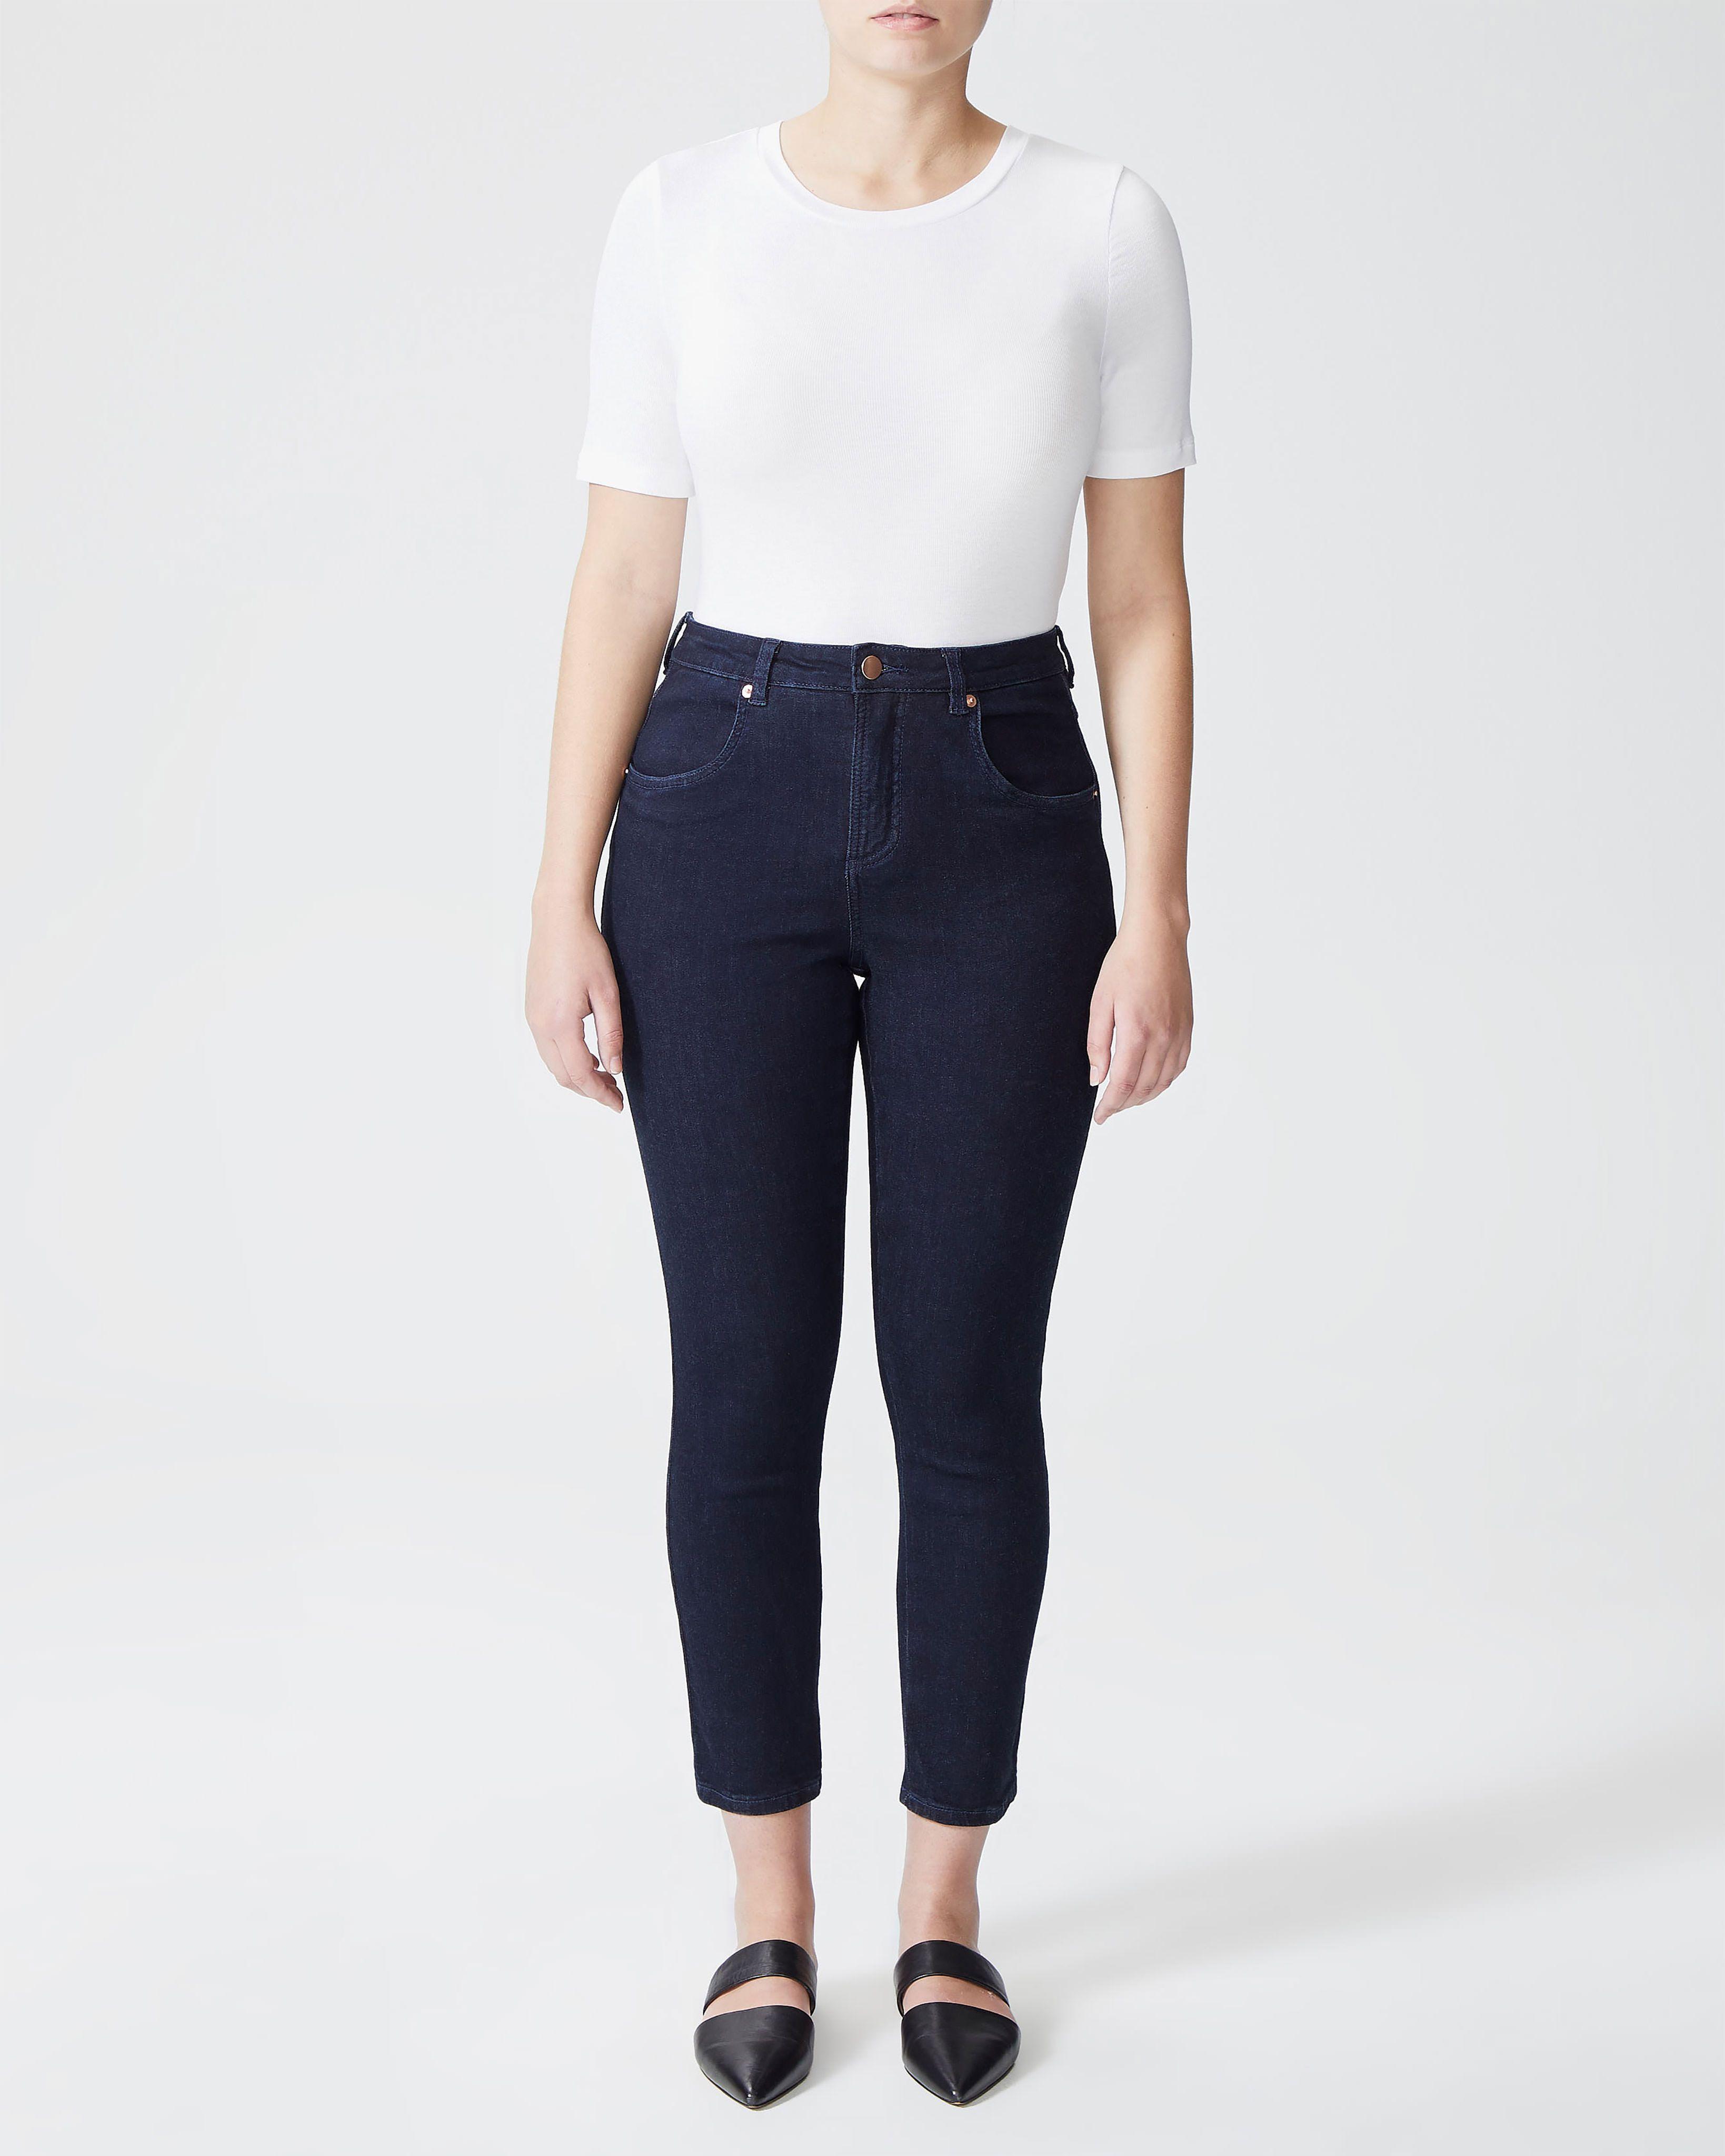 Seine High Rise Skinny Jeans 27 Inch - Dark Indigo